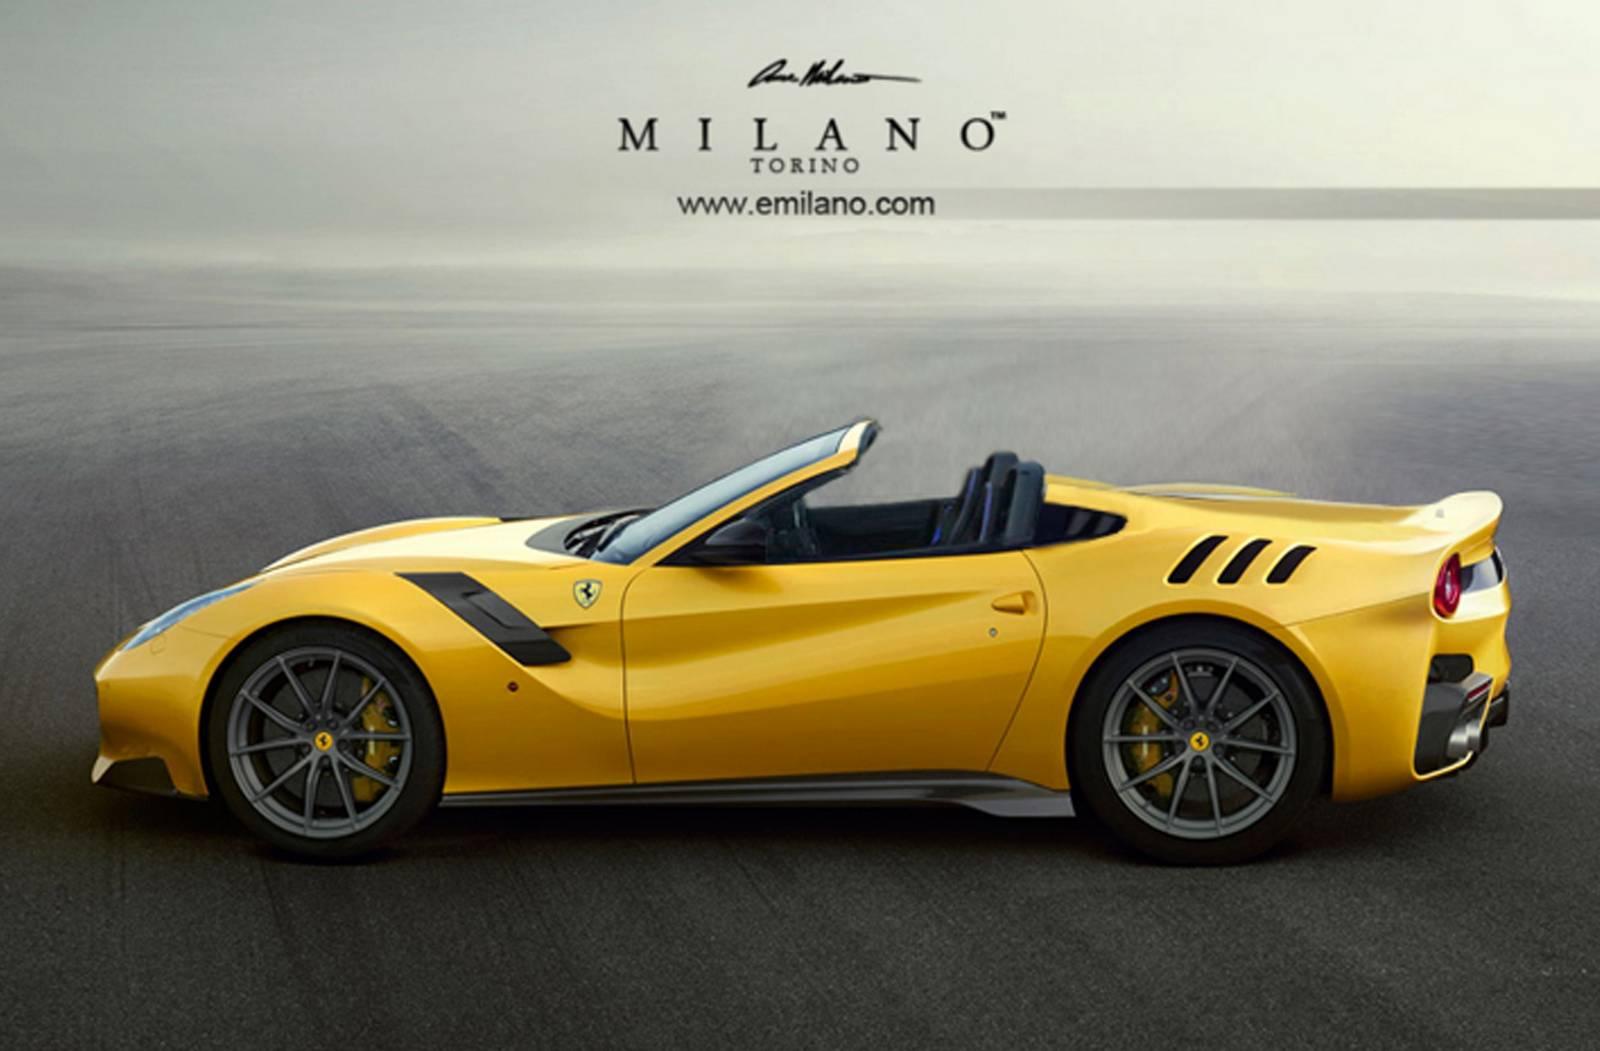 Ferrari F12tdf Aperta side